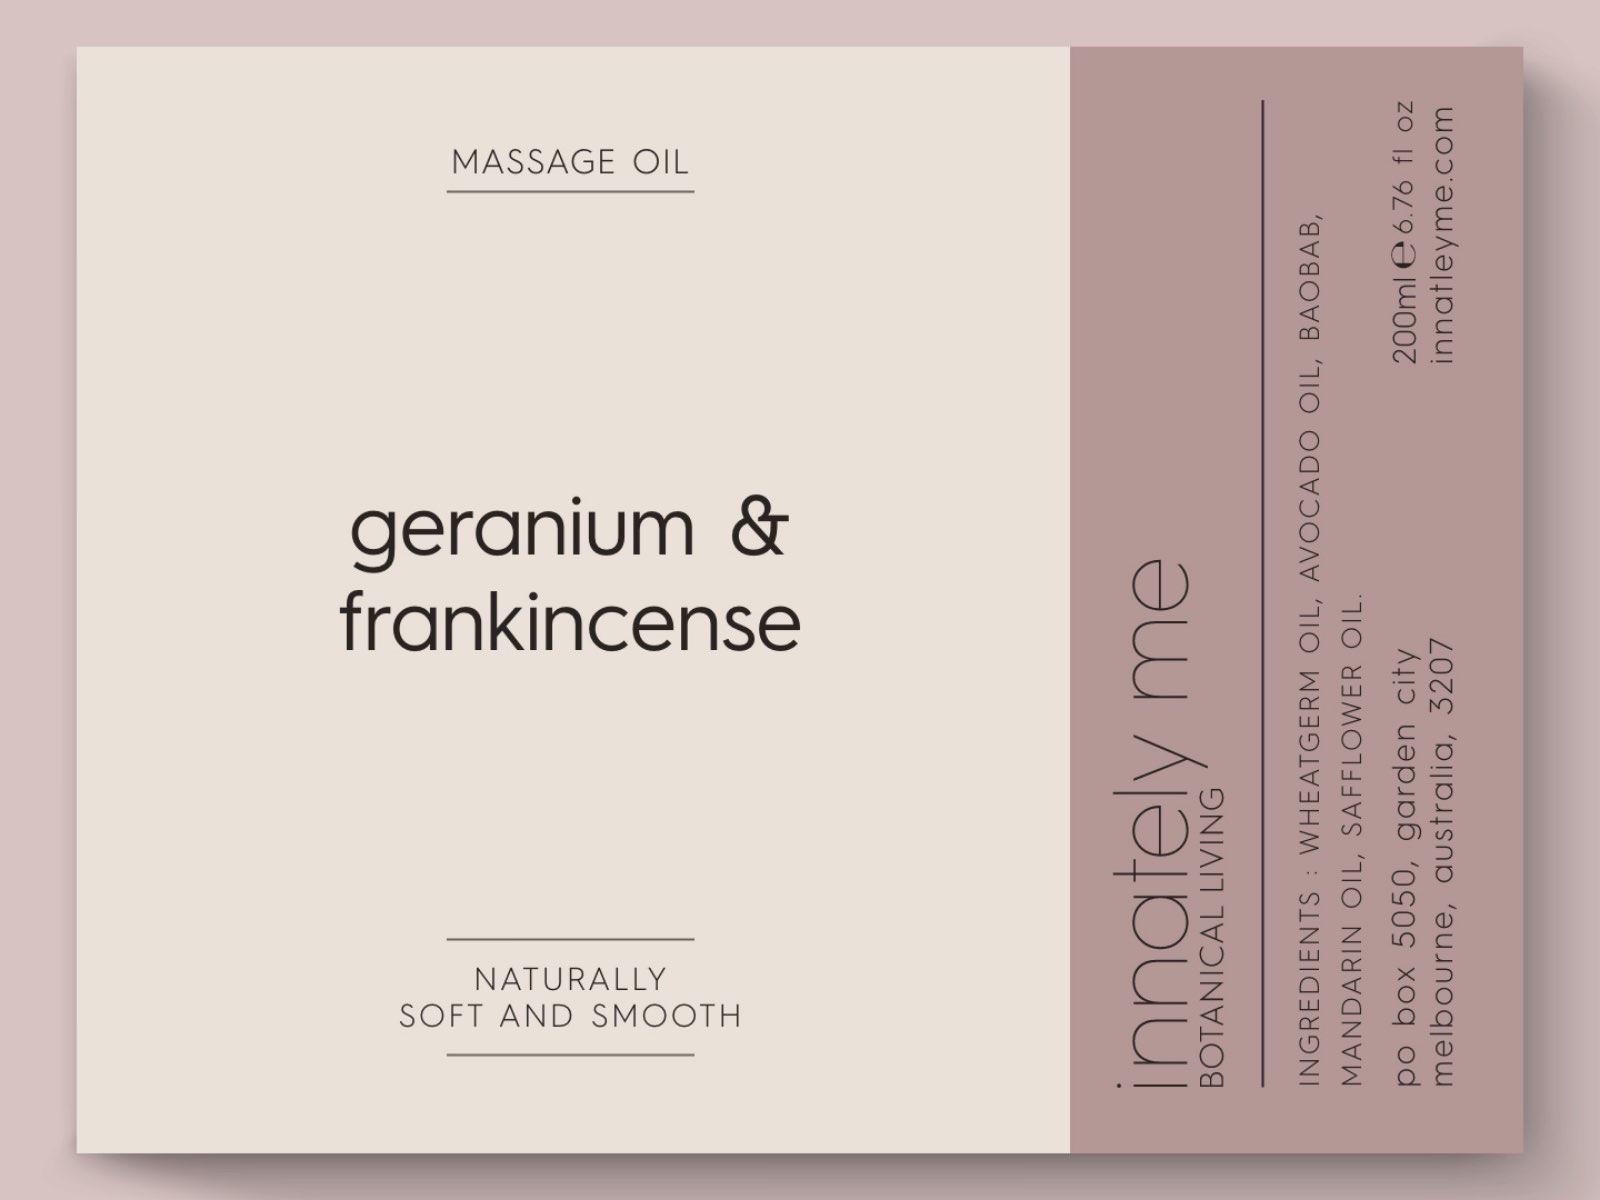 geranium frankincense label design